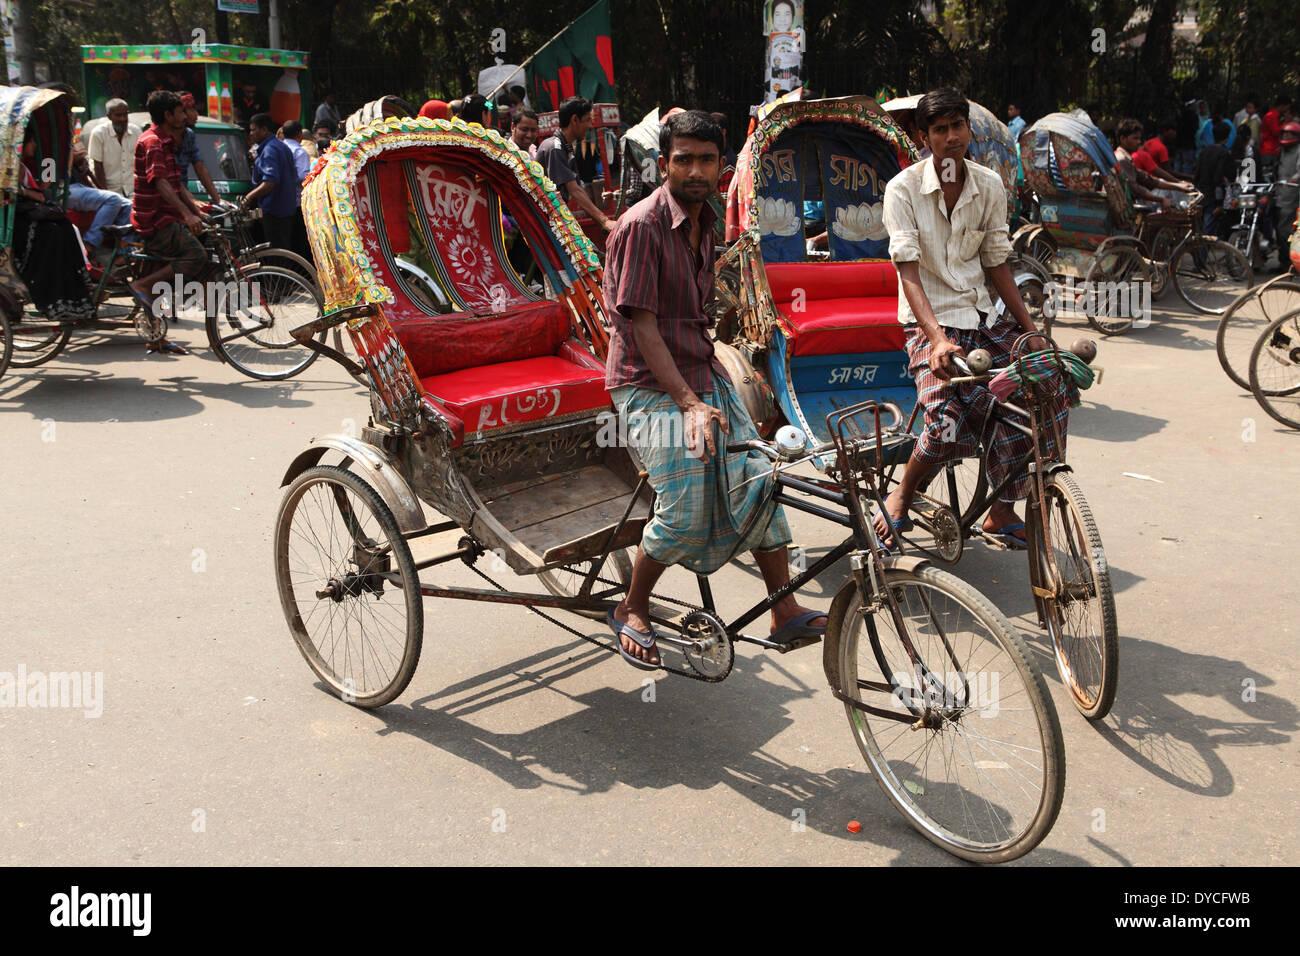 Rickshaw drivers in Dhaka, Bangladesh. - Stock Image